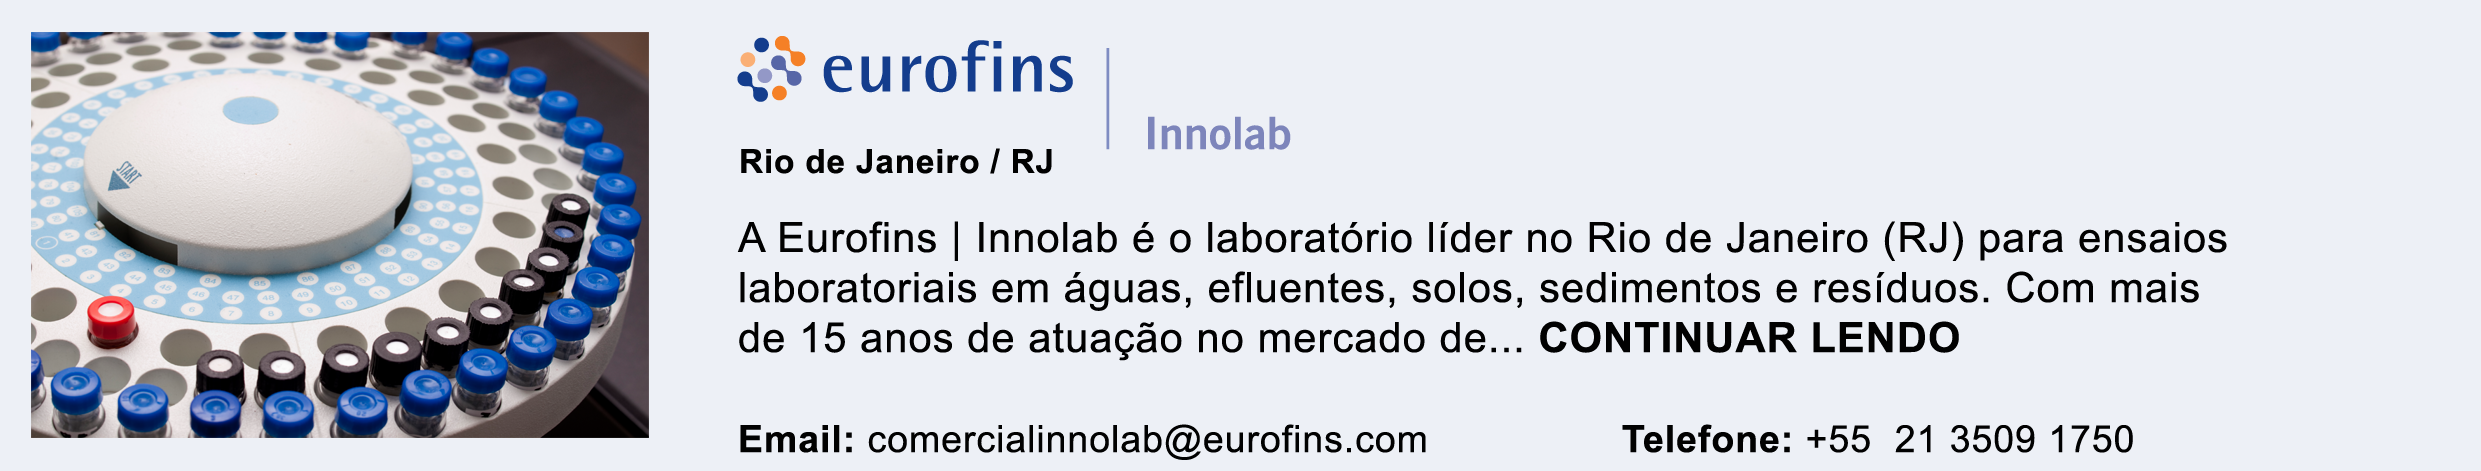 Innolab